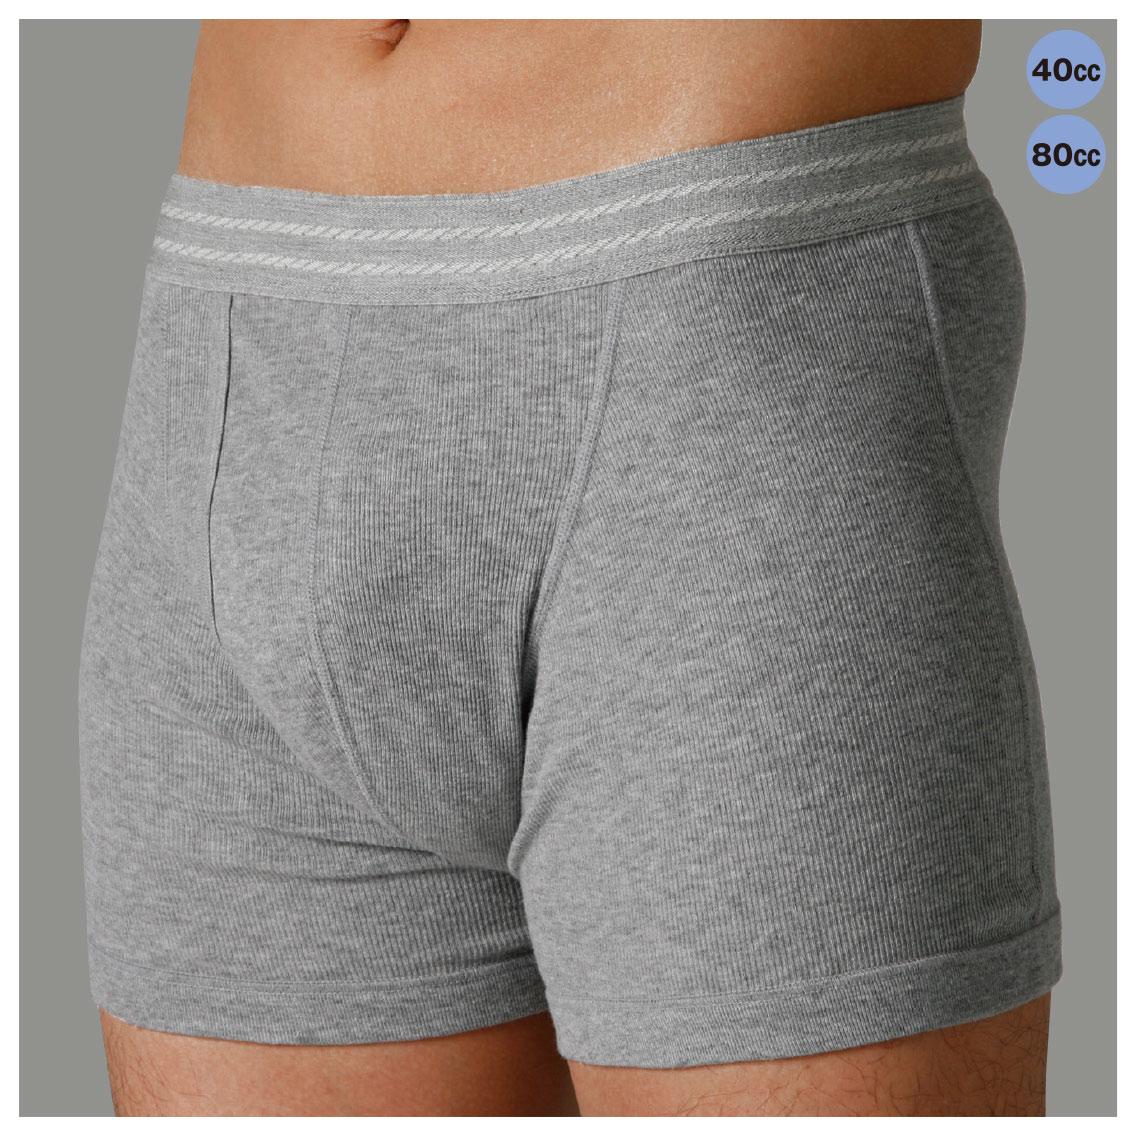 帝人 - 安心裤失禁裤 男士款3码可选 日本生产 时尚安心的失禁裤